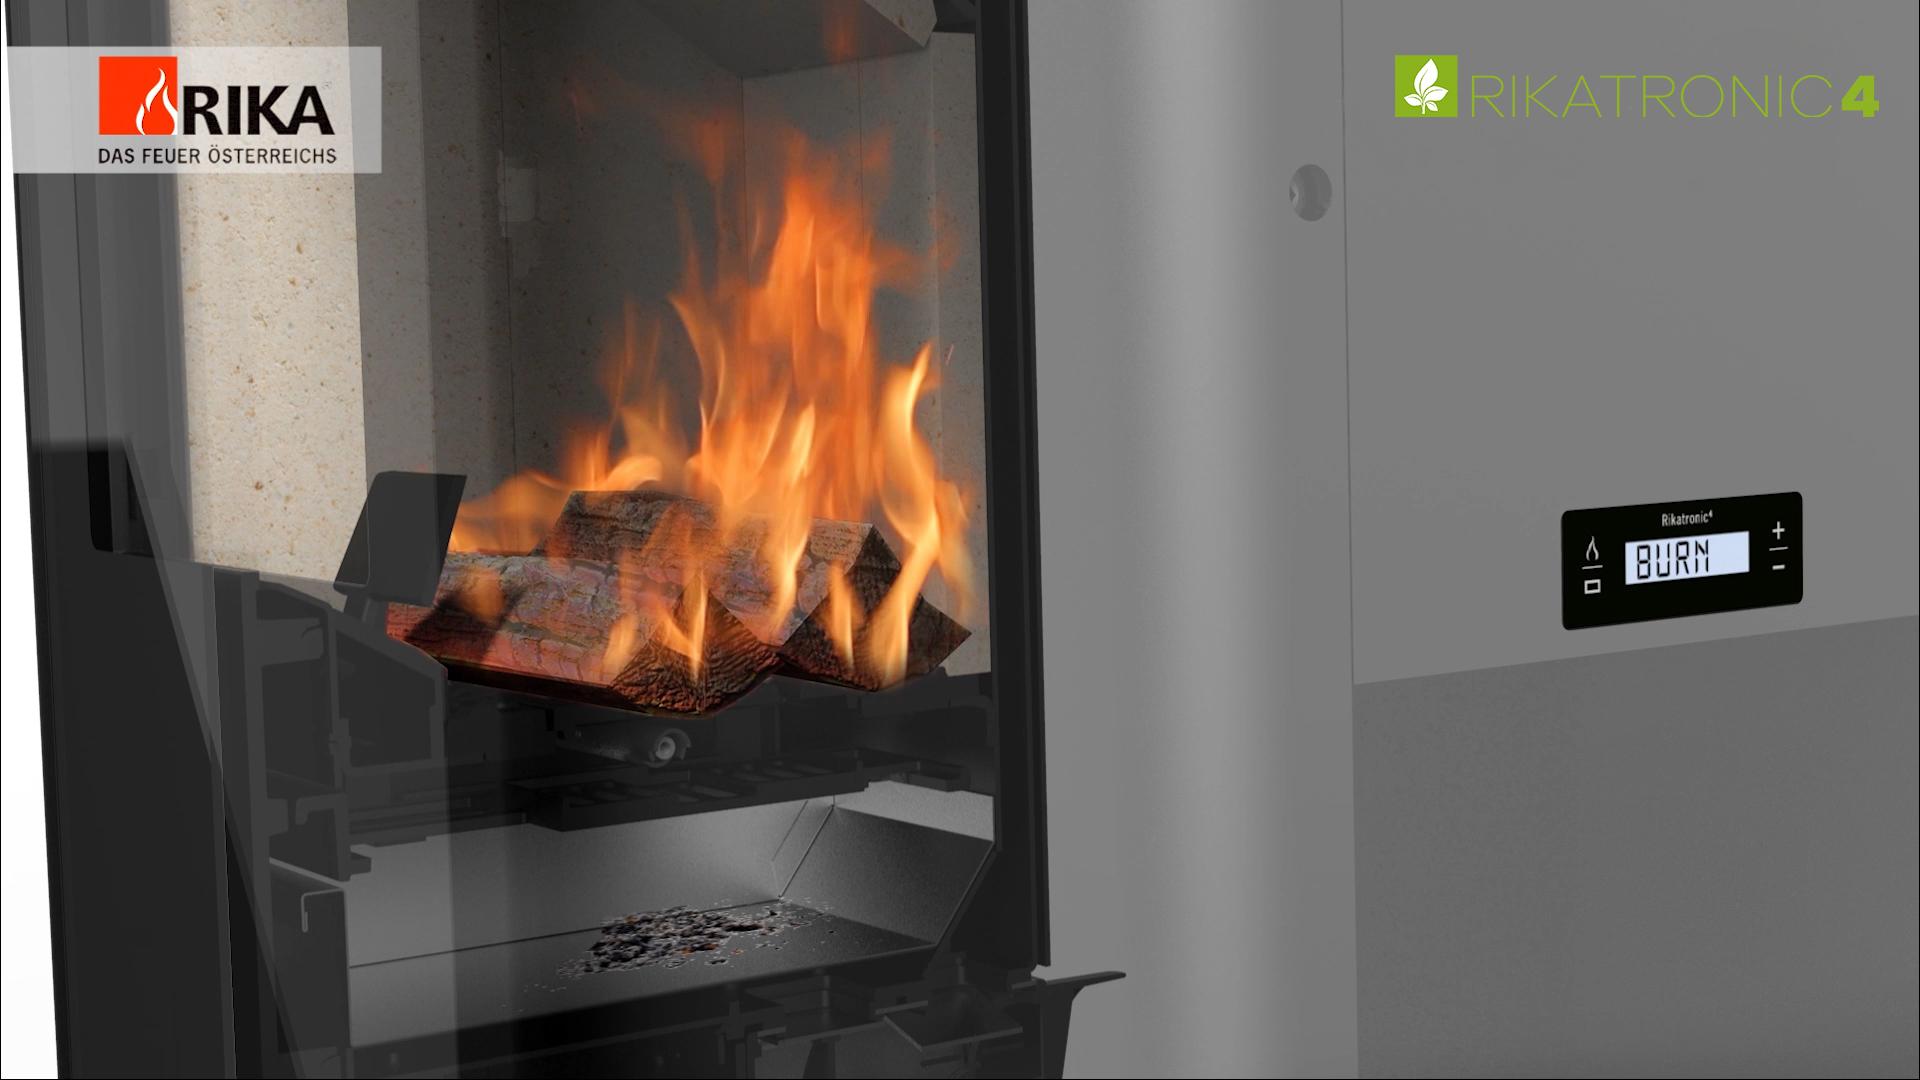 Nach Hause kommen, das Feuer knistert im Ofen © Rika